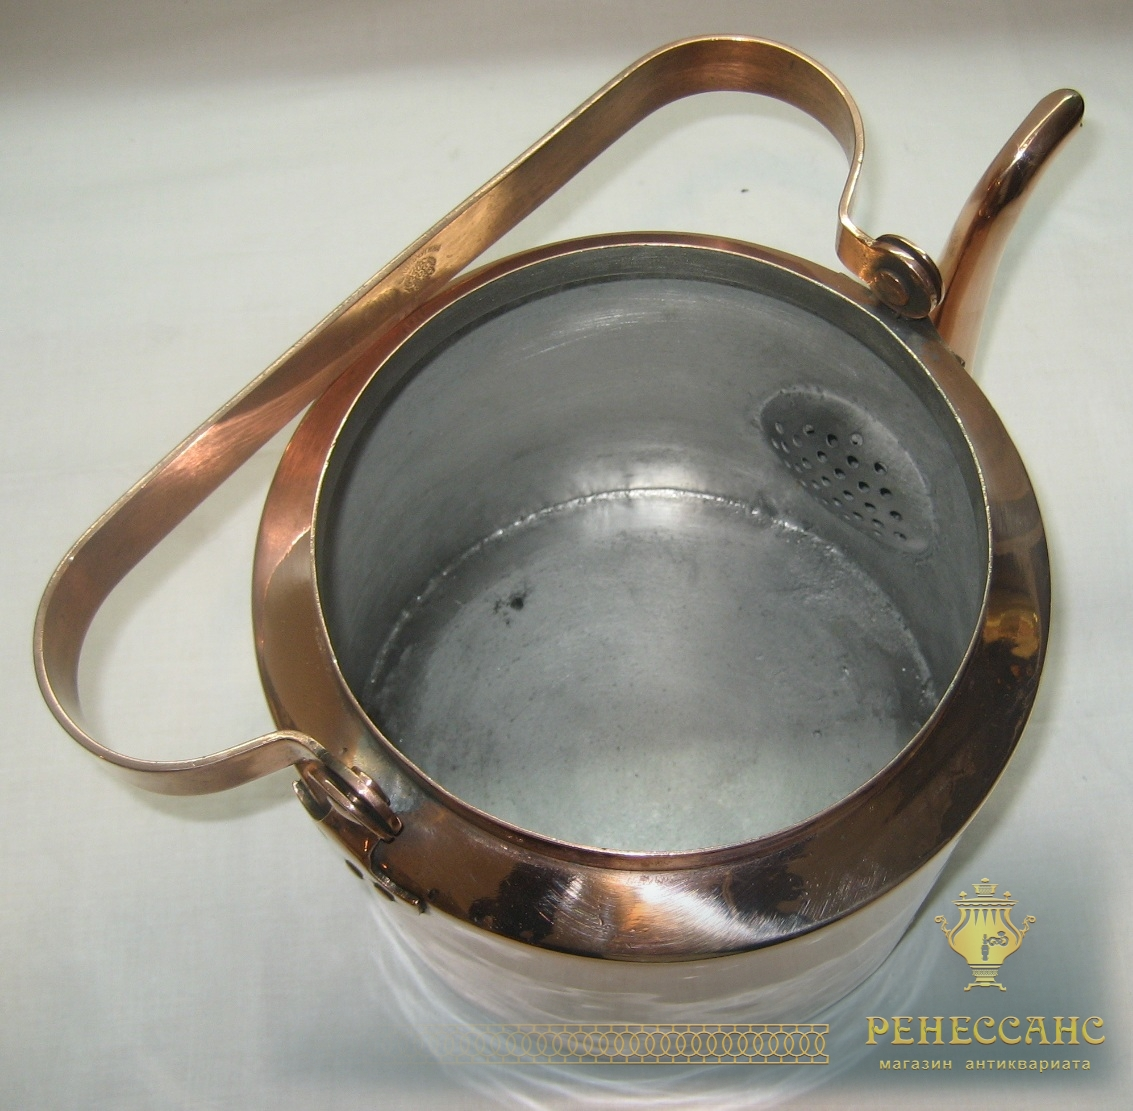 Чайник медный, на 5 литров, «Товарищество Кольчугина» Россия 19 век №2593